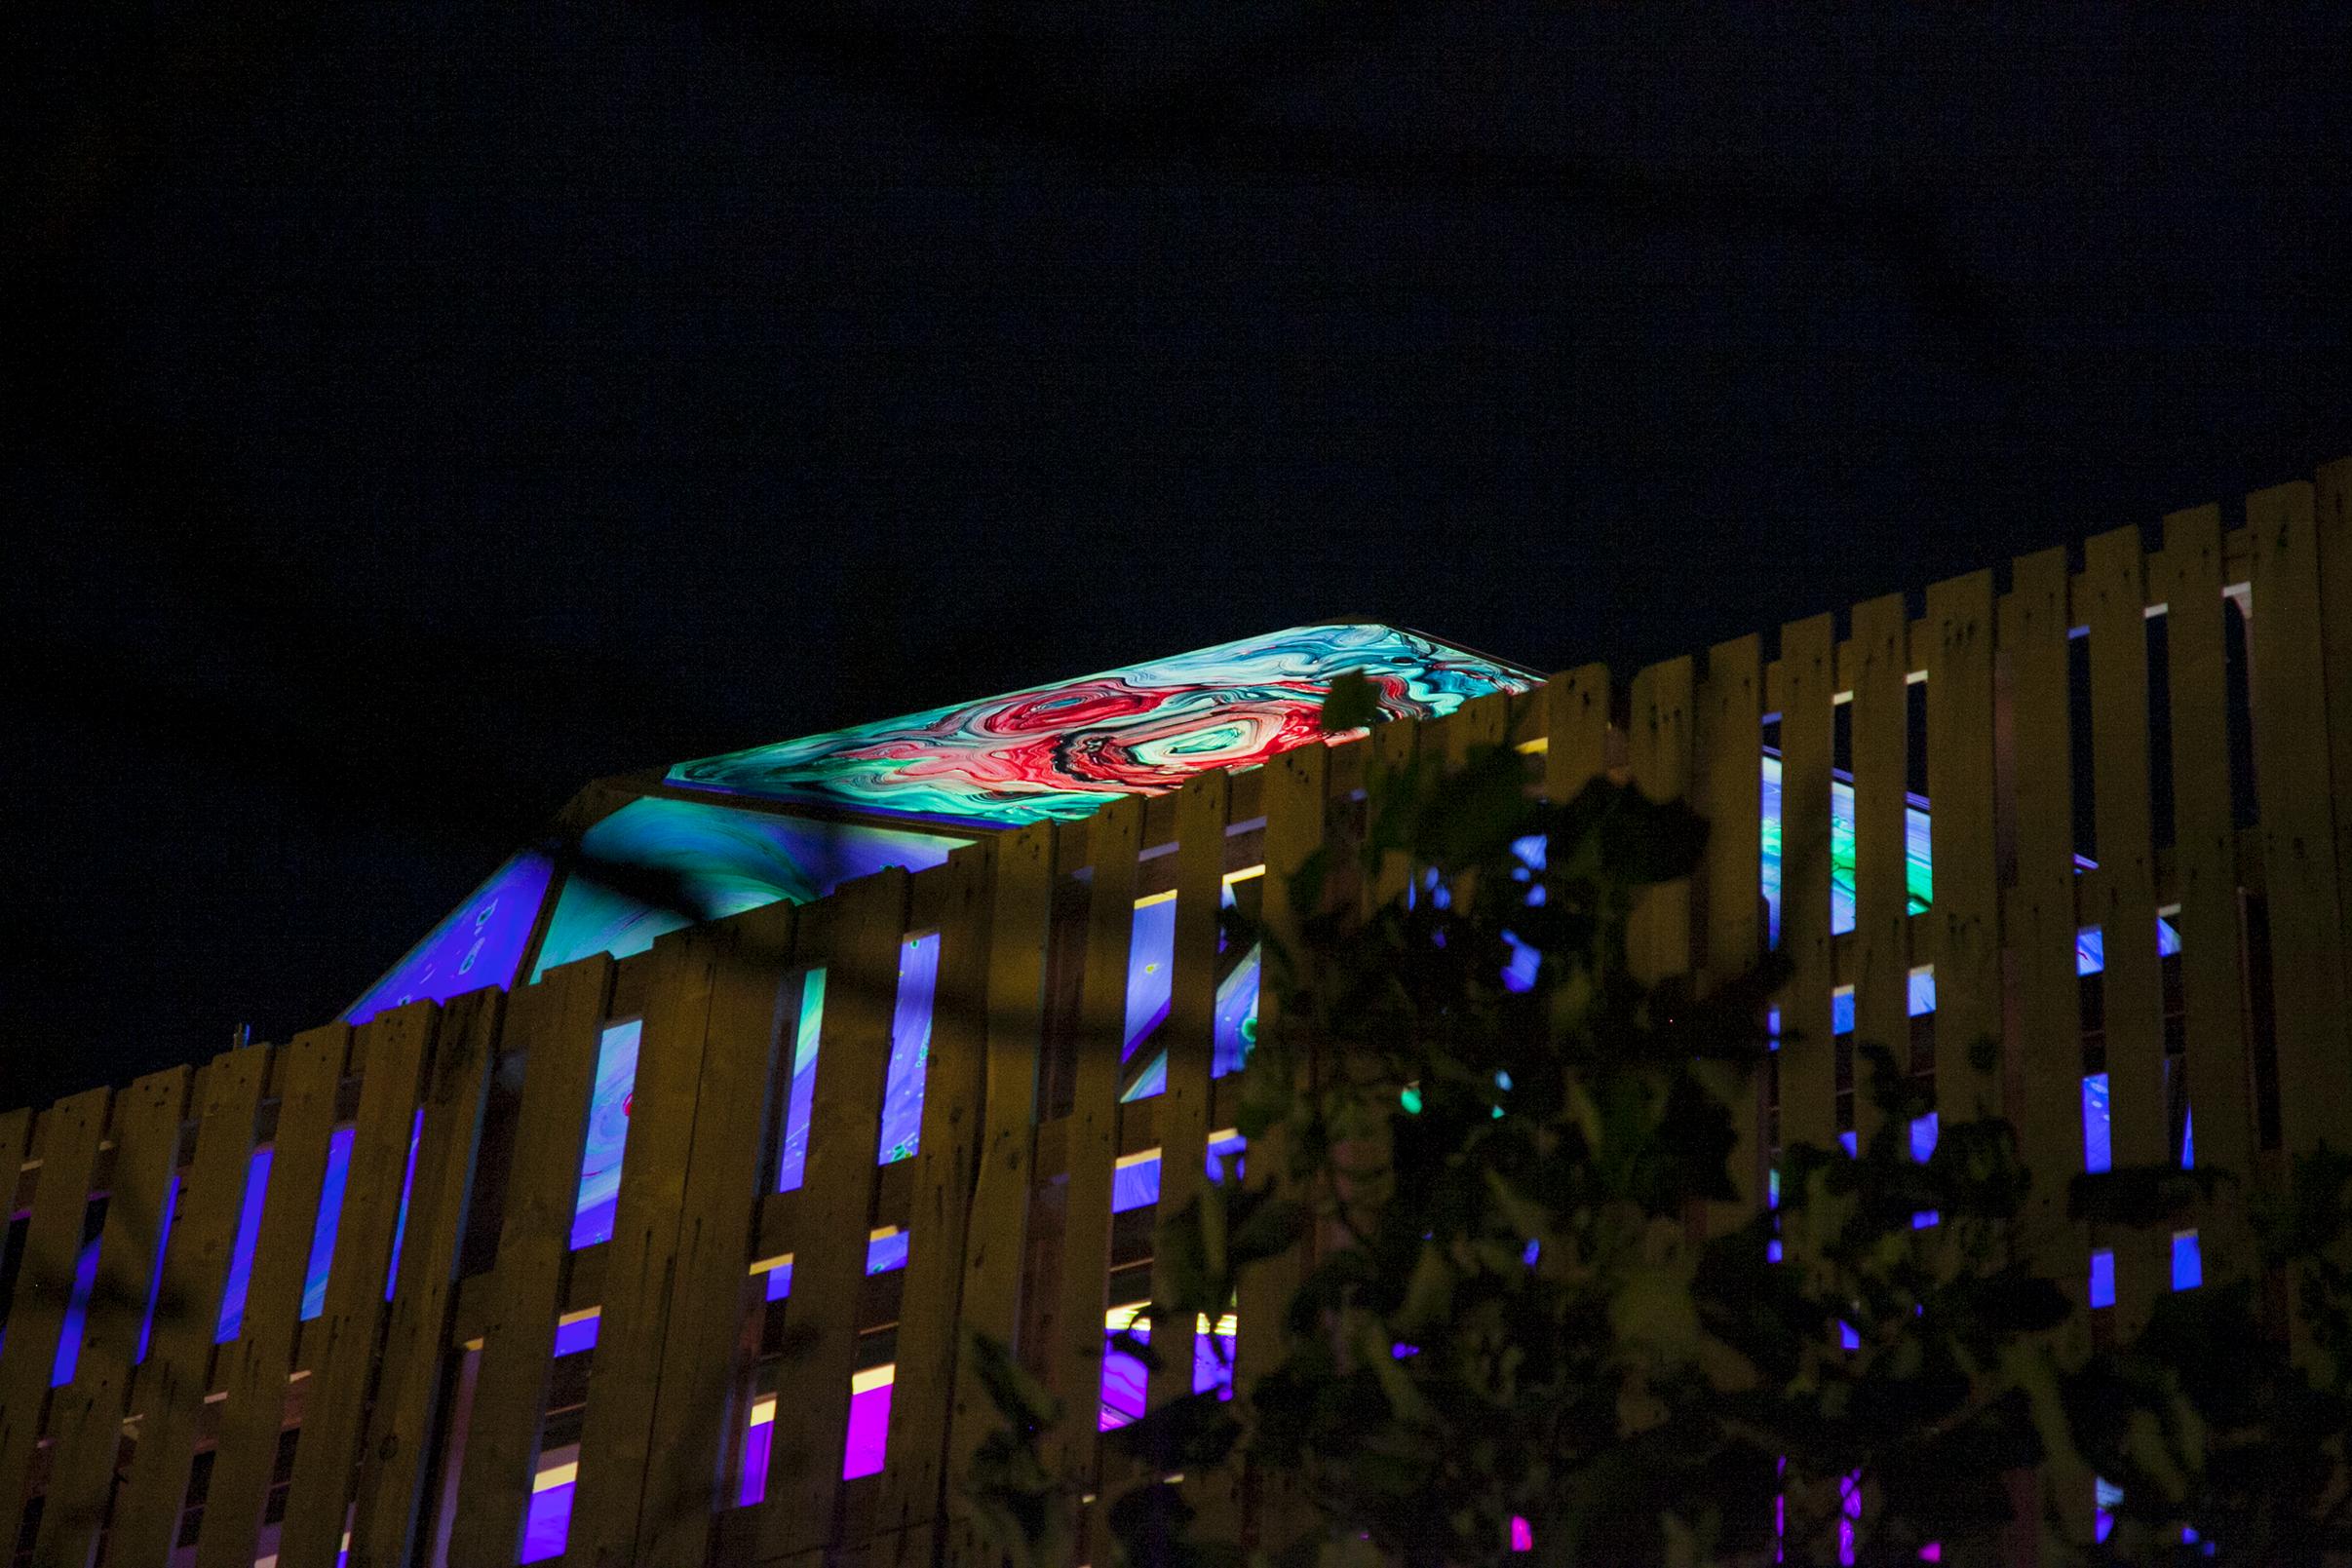 Art and led-lighting